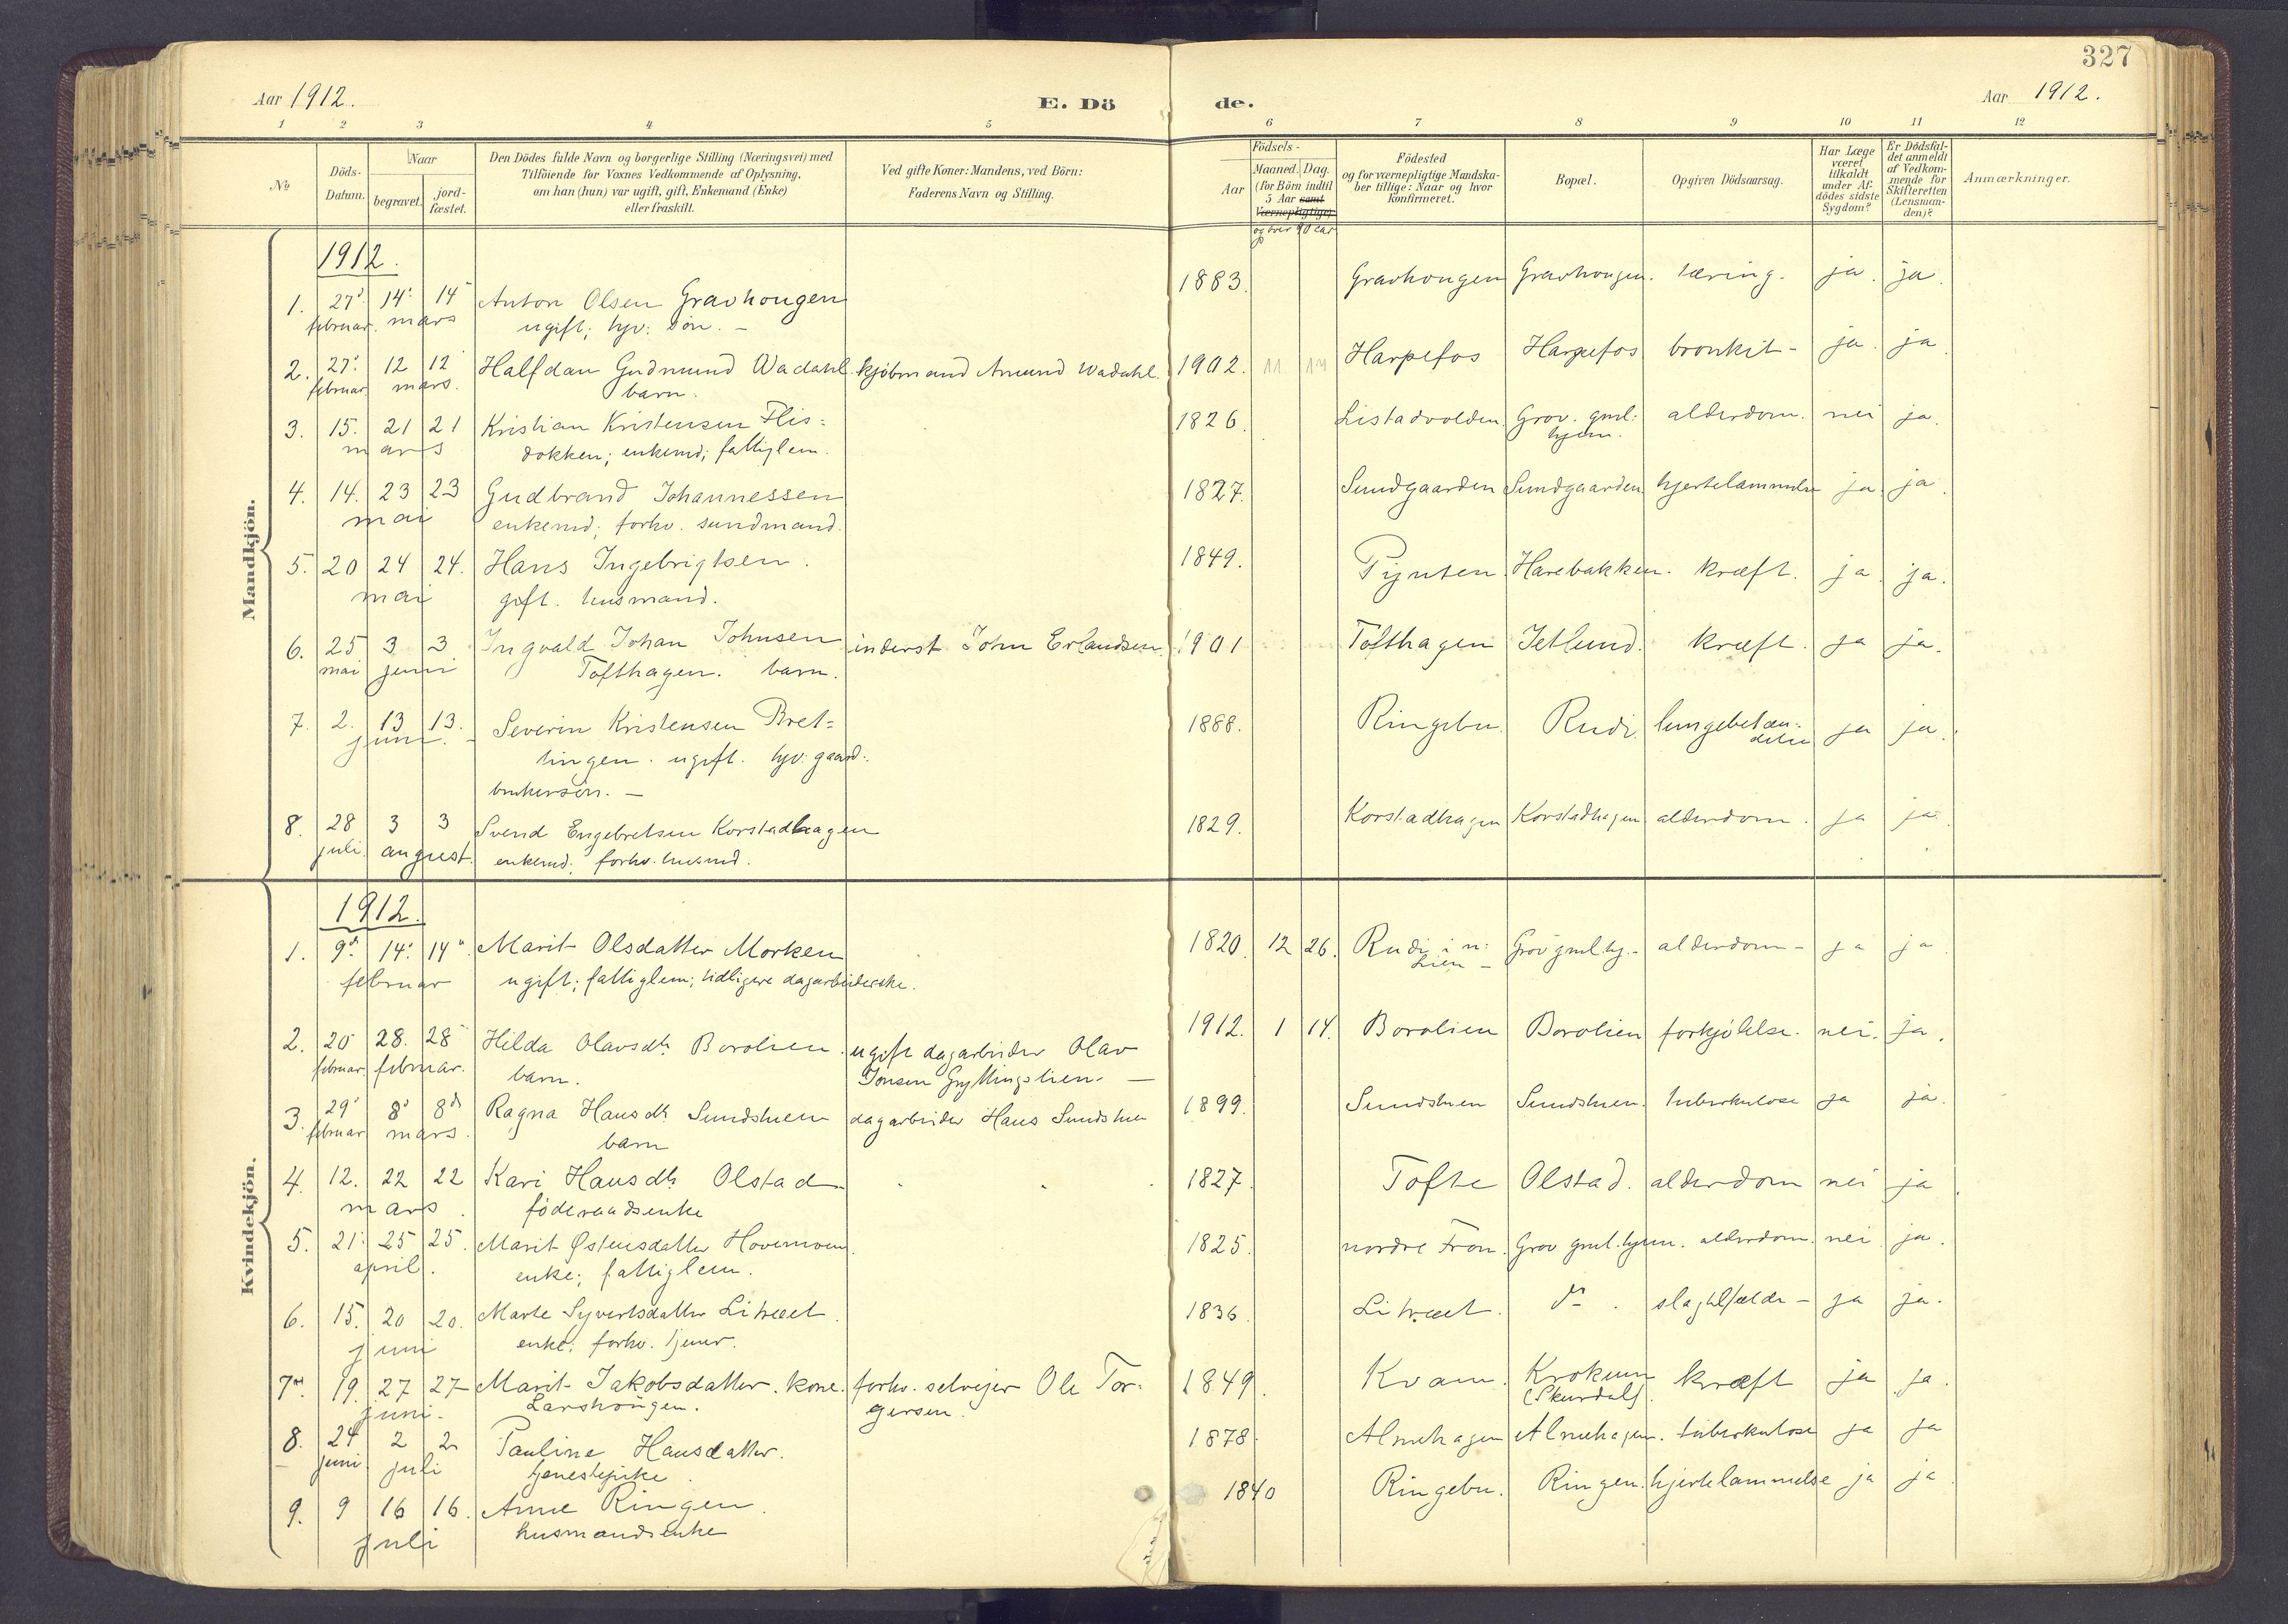 SAH, Sør-Fron prestekontor, H/Ha/Haa/L0004: Ministerialbok nr. 4, 1898-1919, s. 327